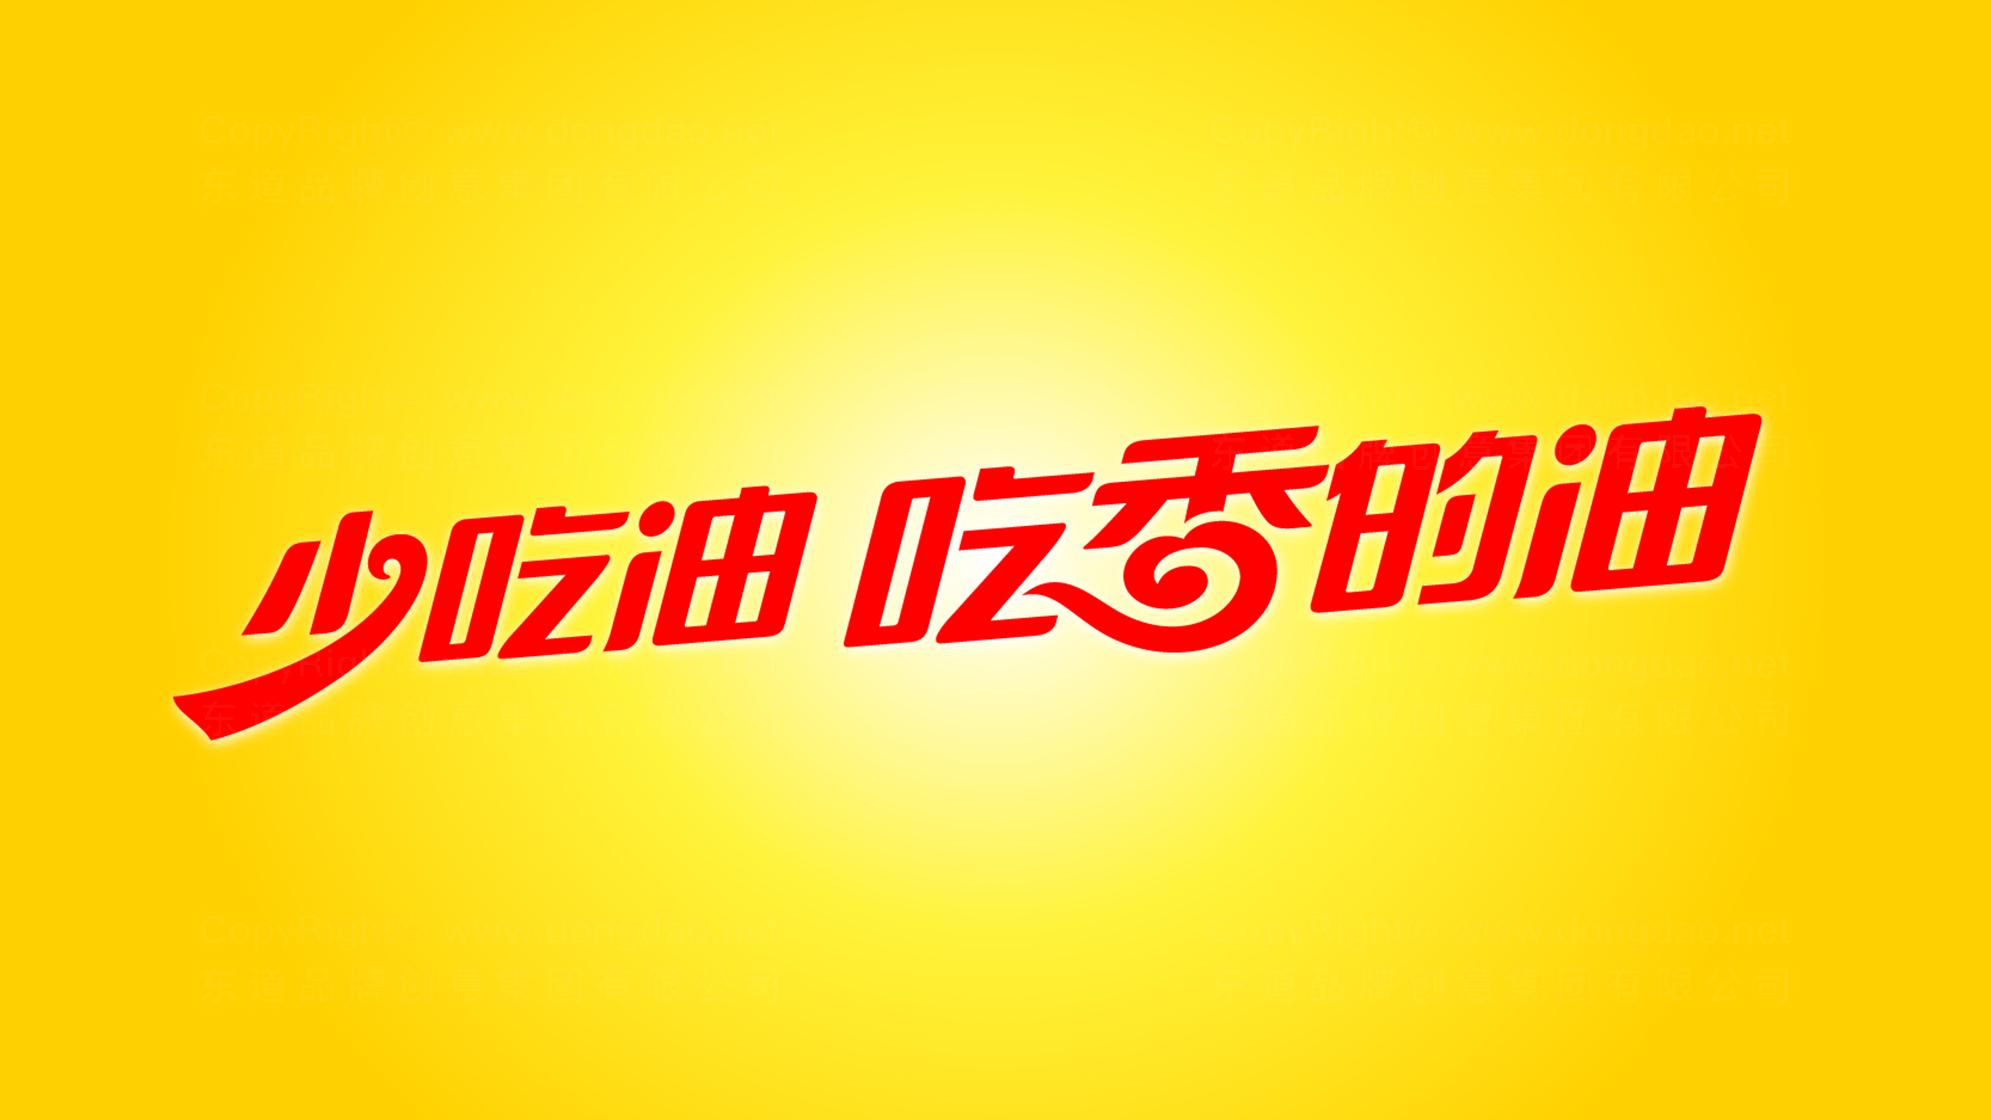 快速消费品牌设计鲁花LOGO&VI设计